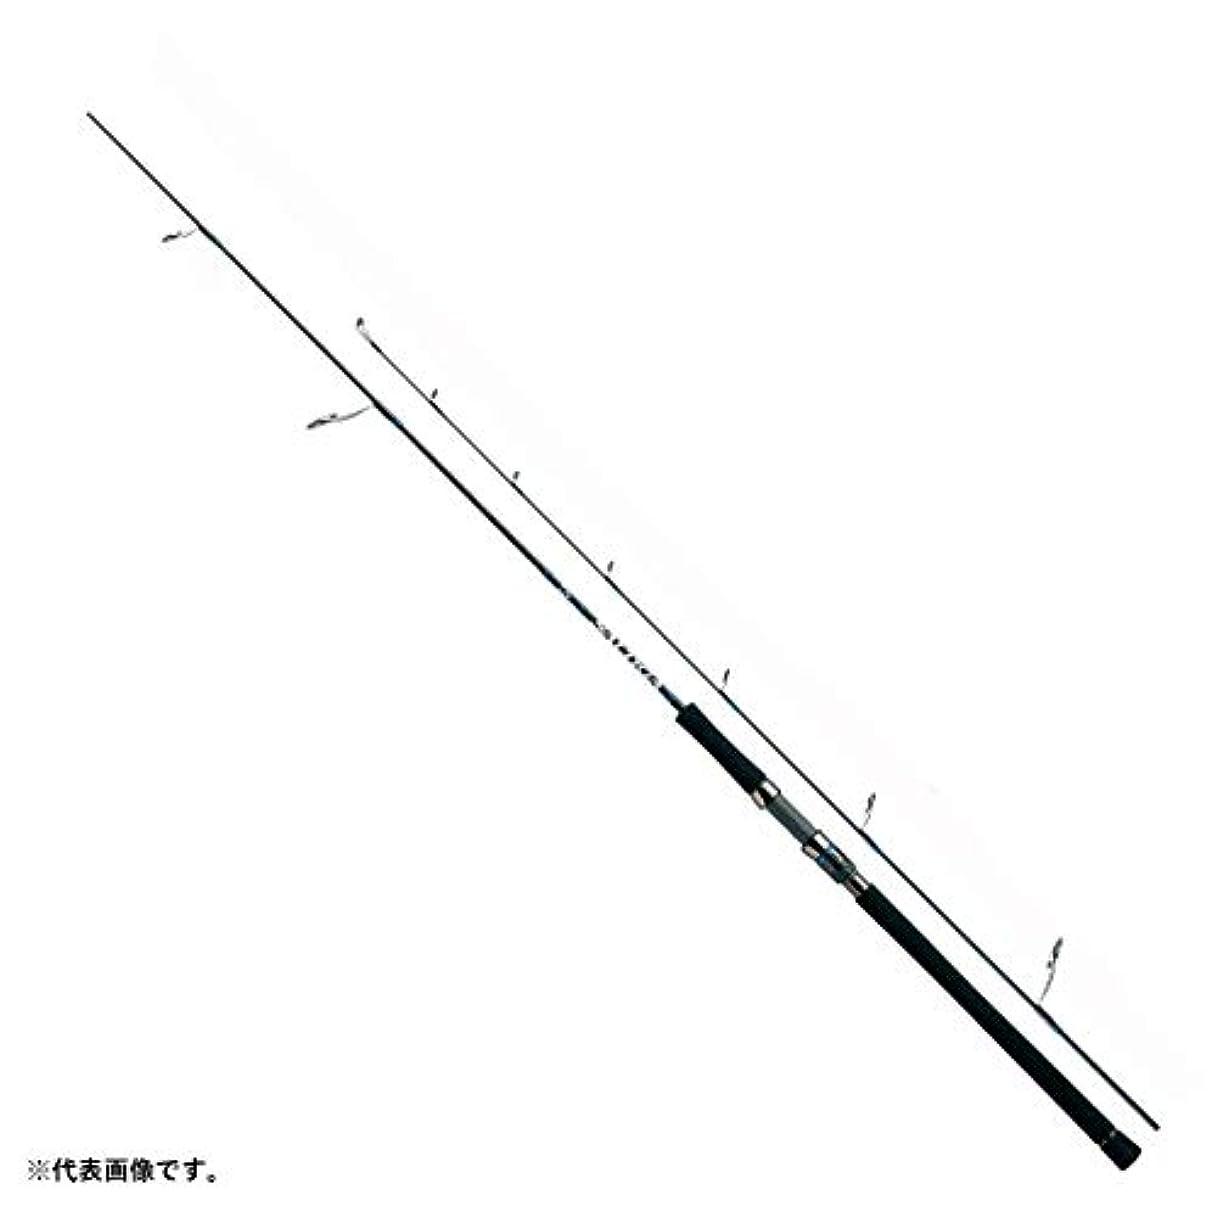 クリップ中断出くわすダイワ(Daiwa) ジギングロッド スピニング ソルティガ ジギングモデル   J61LS?J 釣り竿